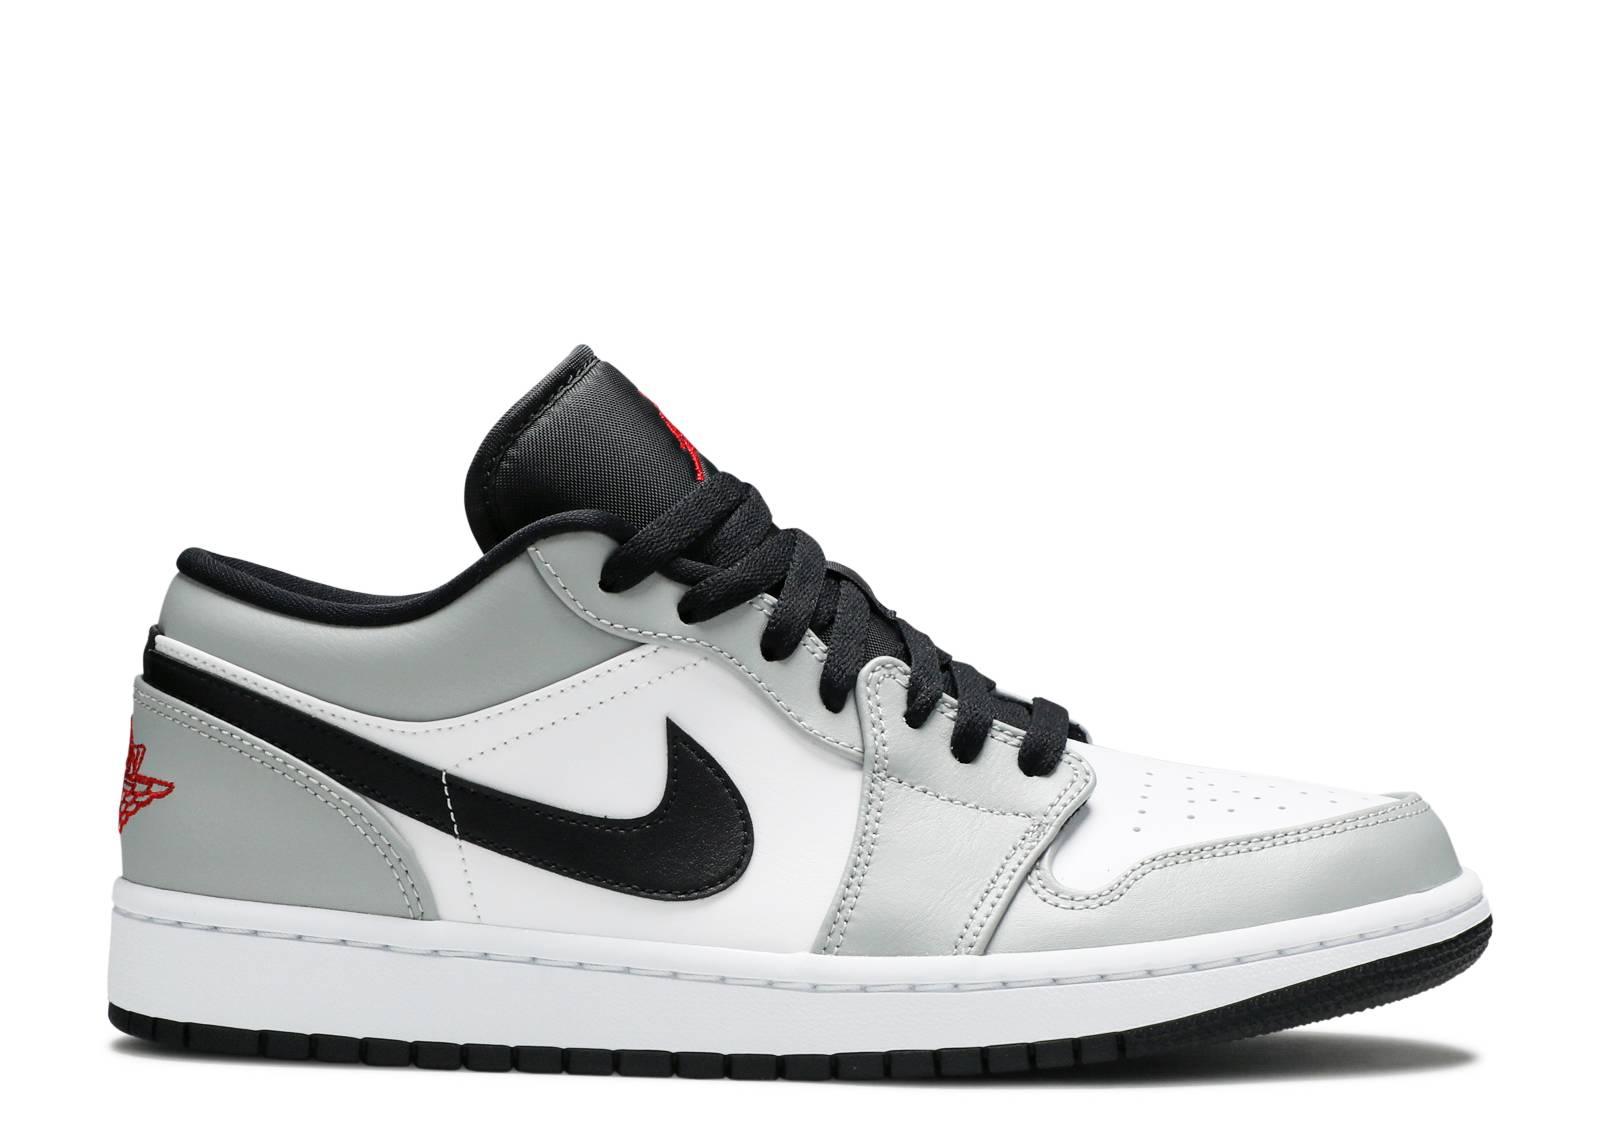 Low Top Air Jordan Sneakers | Flight Club